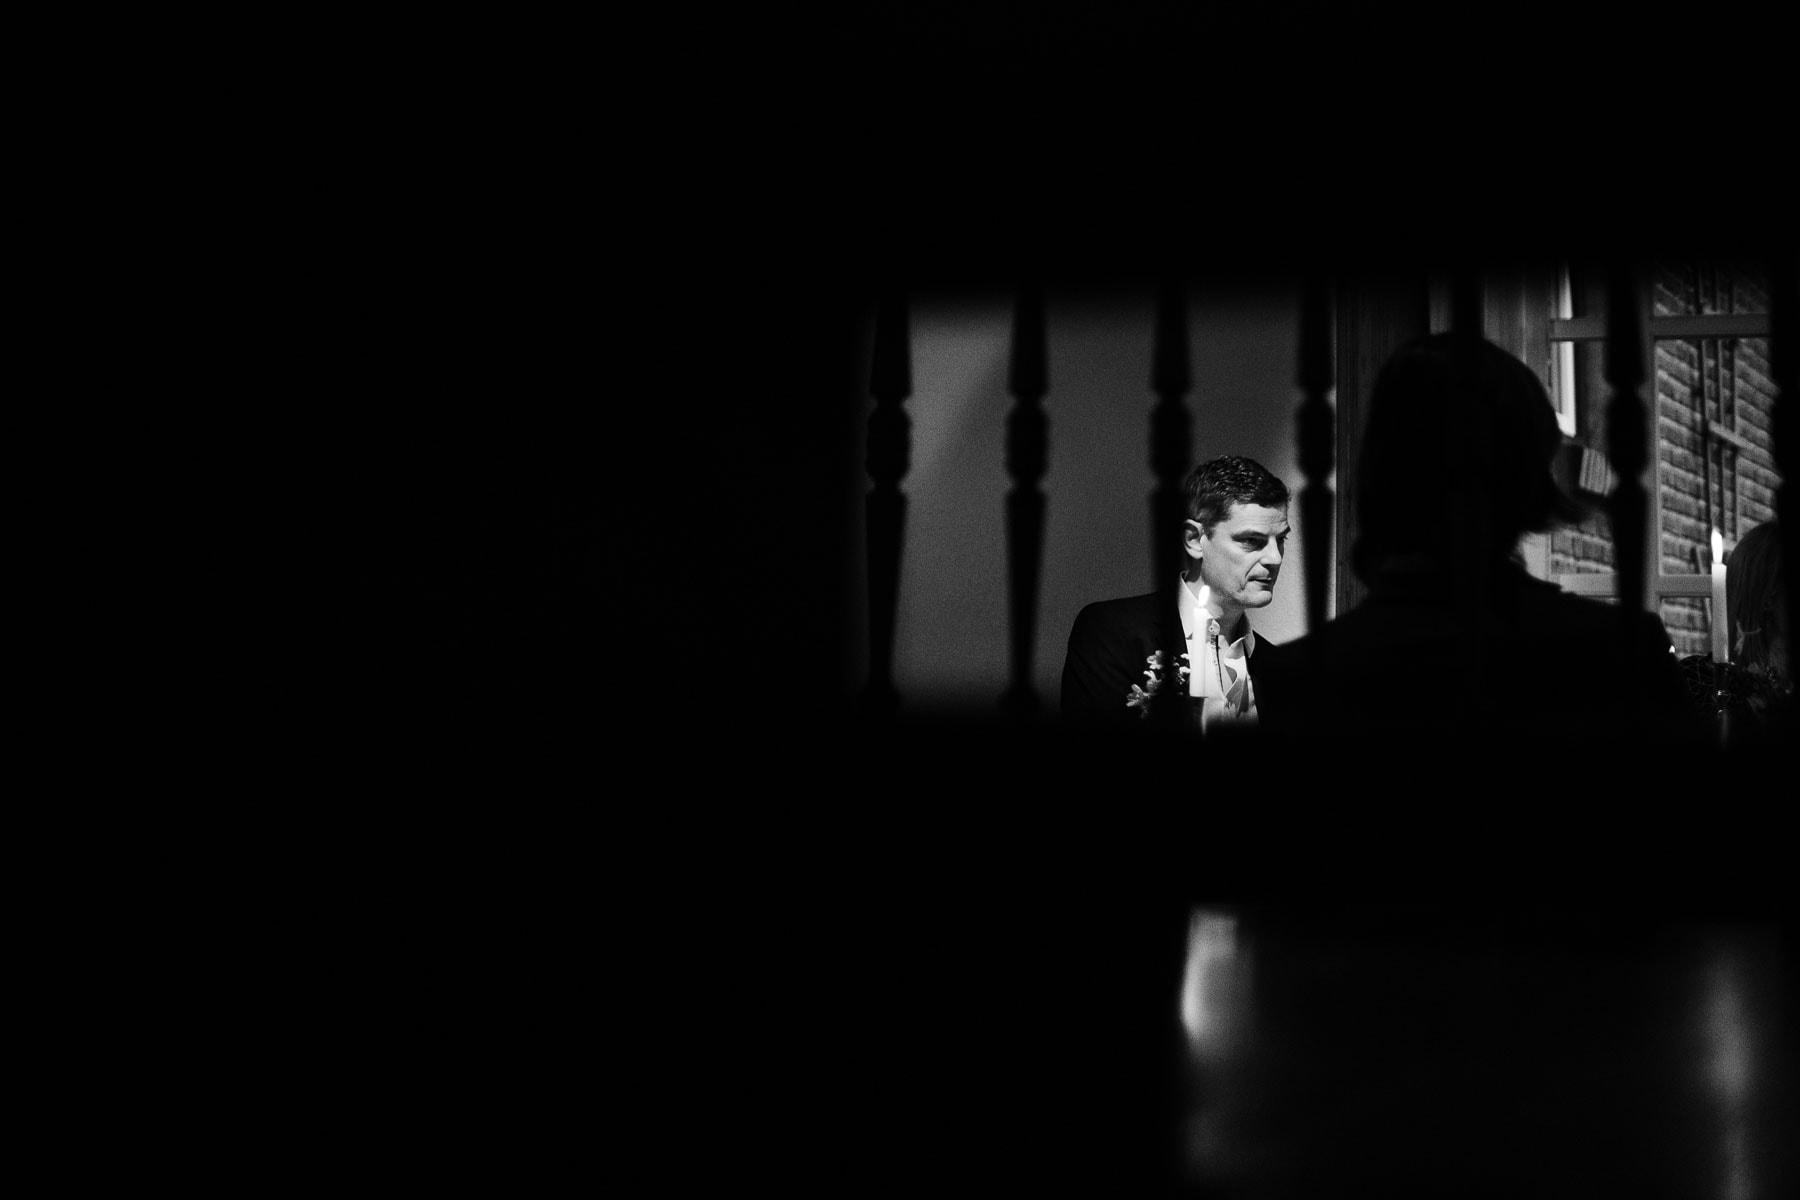 ein Mann steht hinter einem Treppengeländer